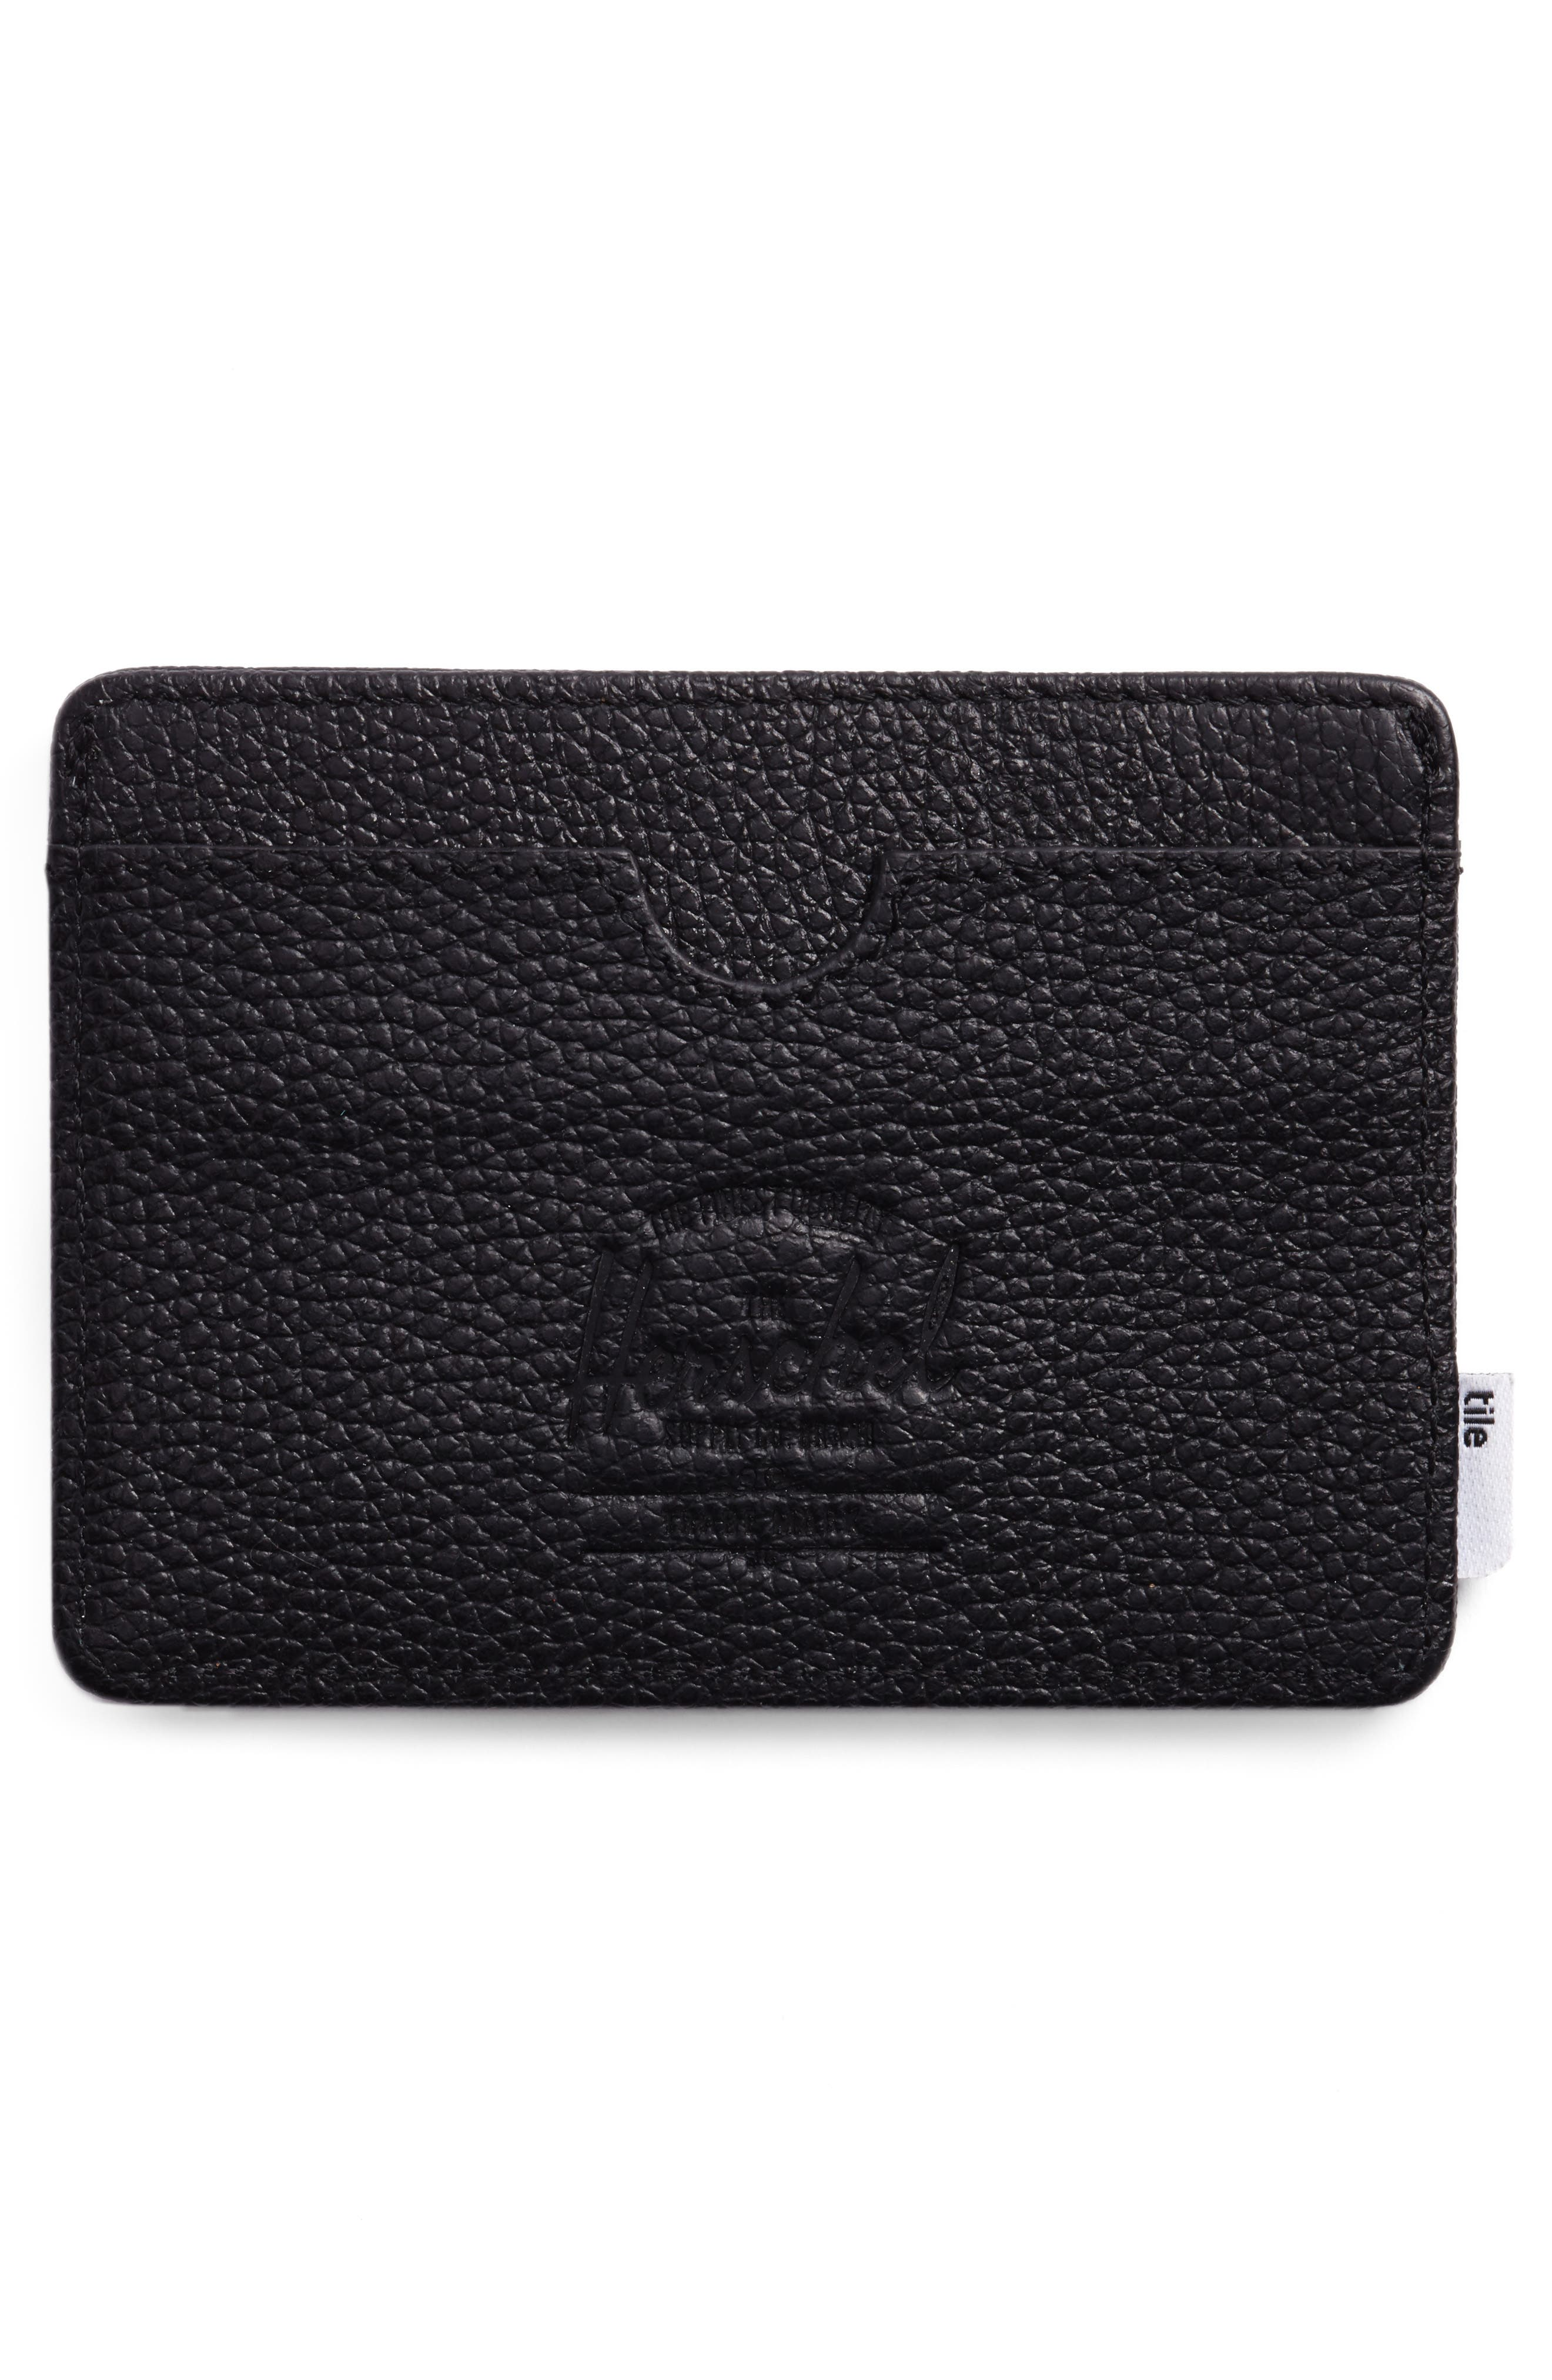 Main Image - Herschel Supply Co. Tile Slim Charlie Leather Card Case